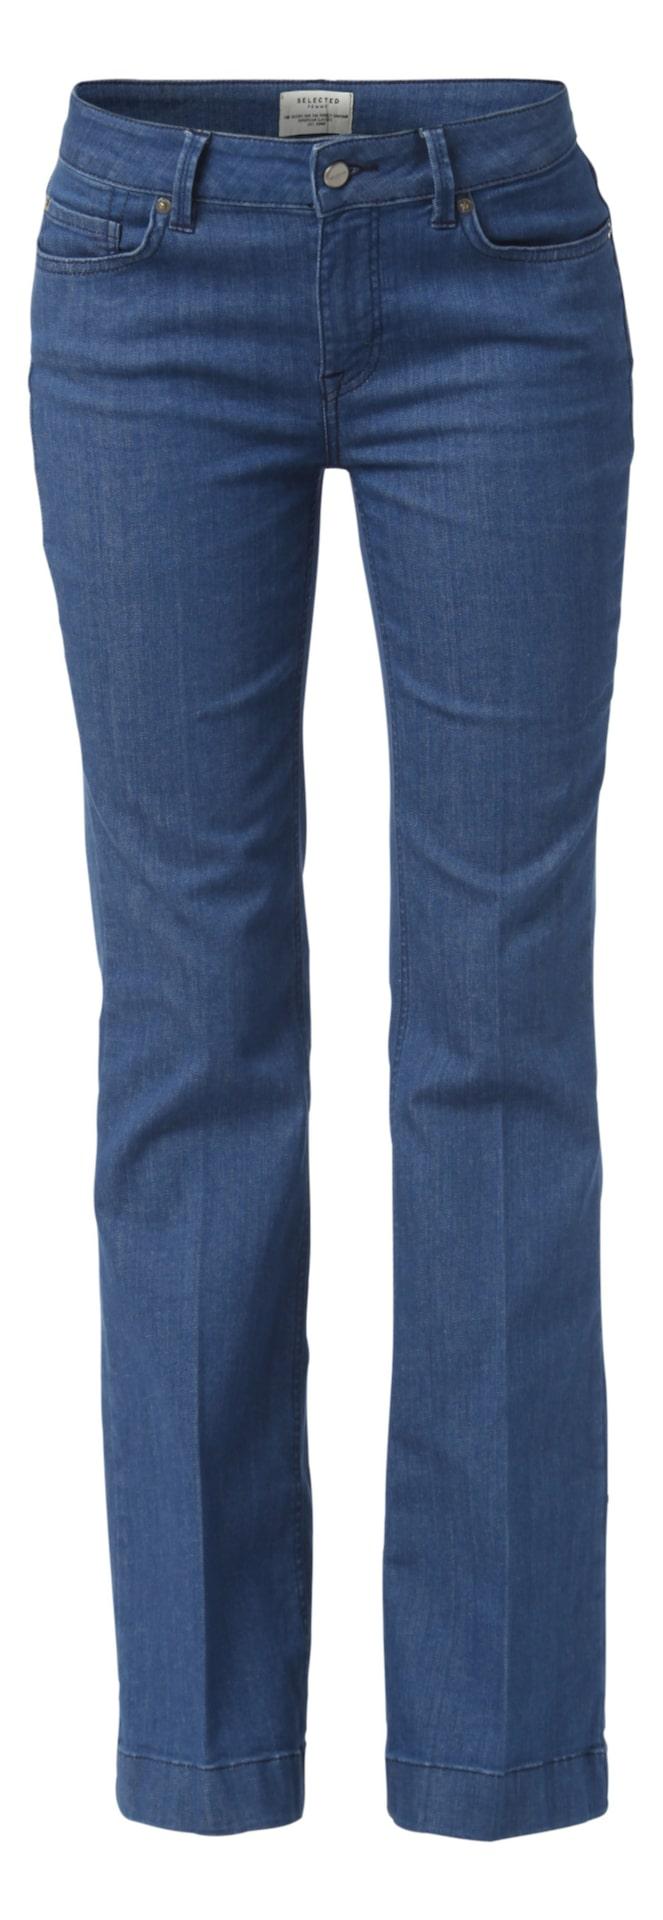 Lily flare jeans, Selected femme, MQ, 699 krFem-ficksjeans i flaremodell från Selected femme. Både de utsvängda benen och pressvecken fram och bak har en förlängande effekt.